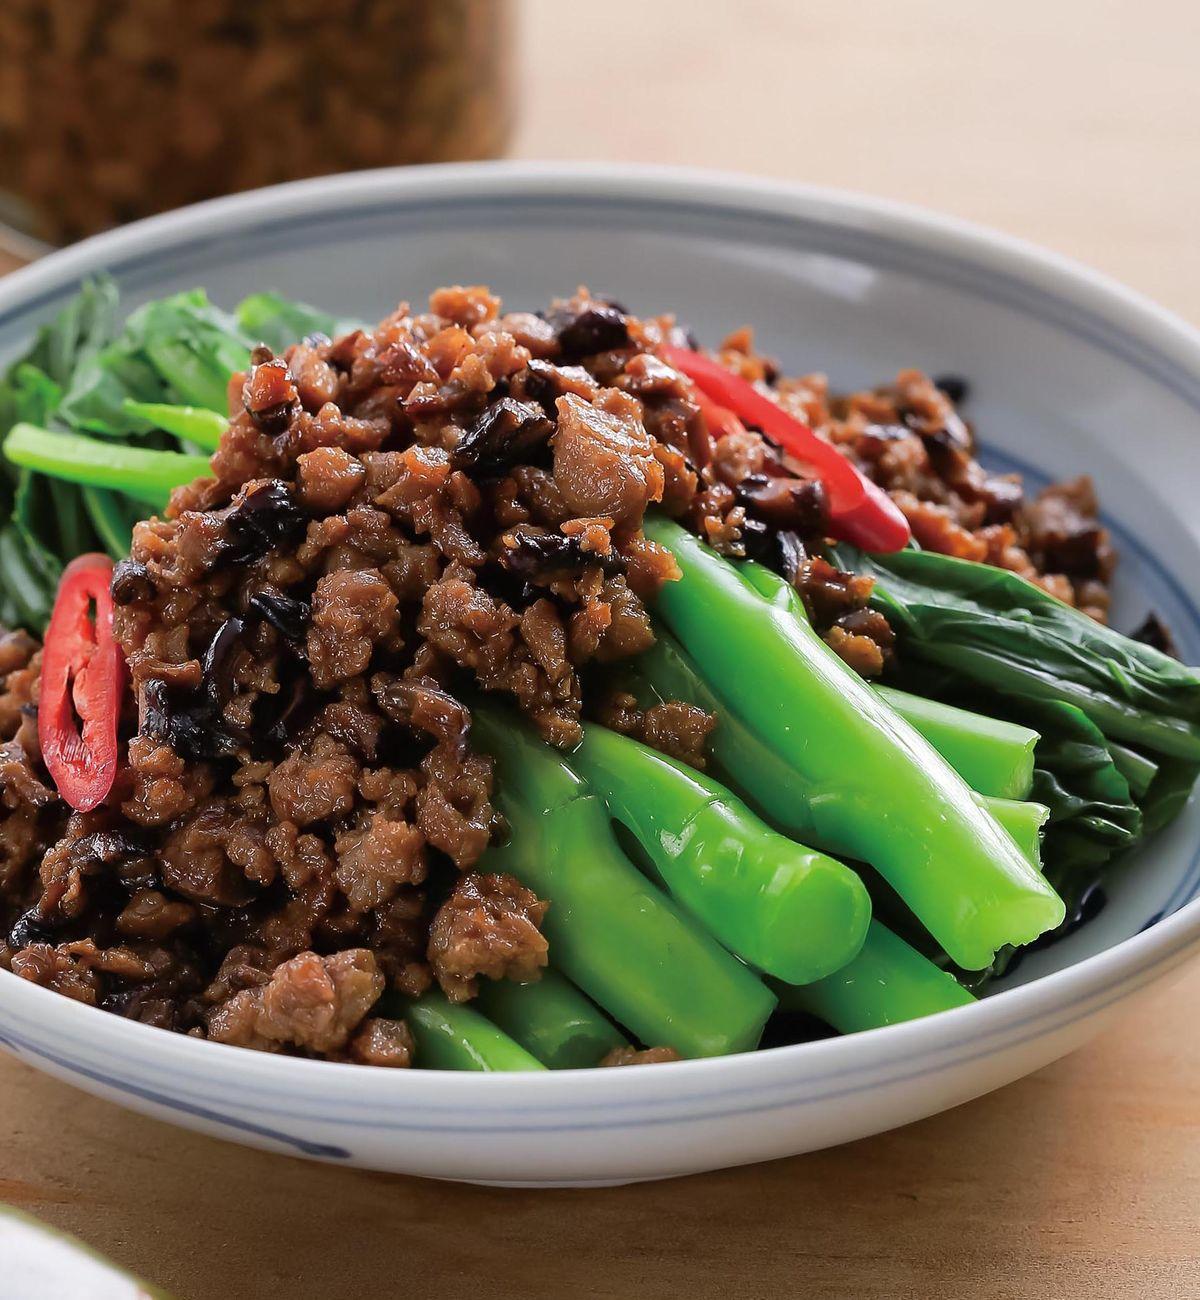 食譜:香菇素肉醬拌芥蘭菜